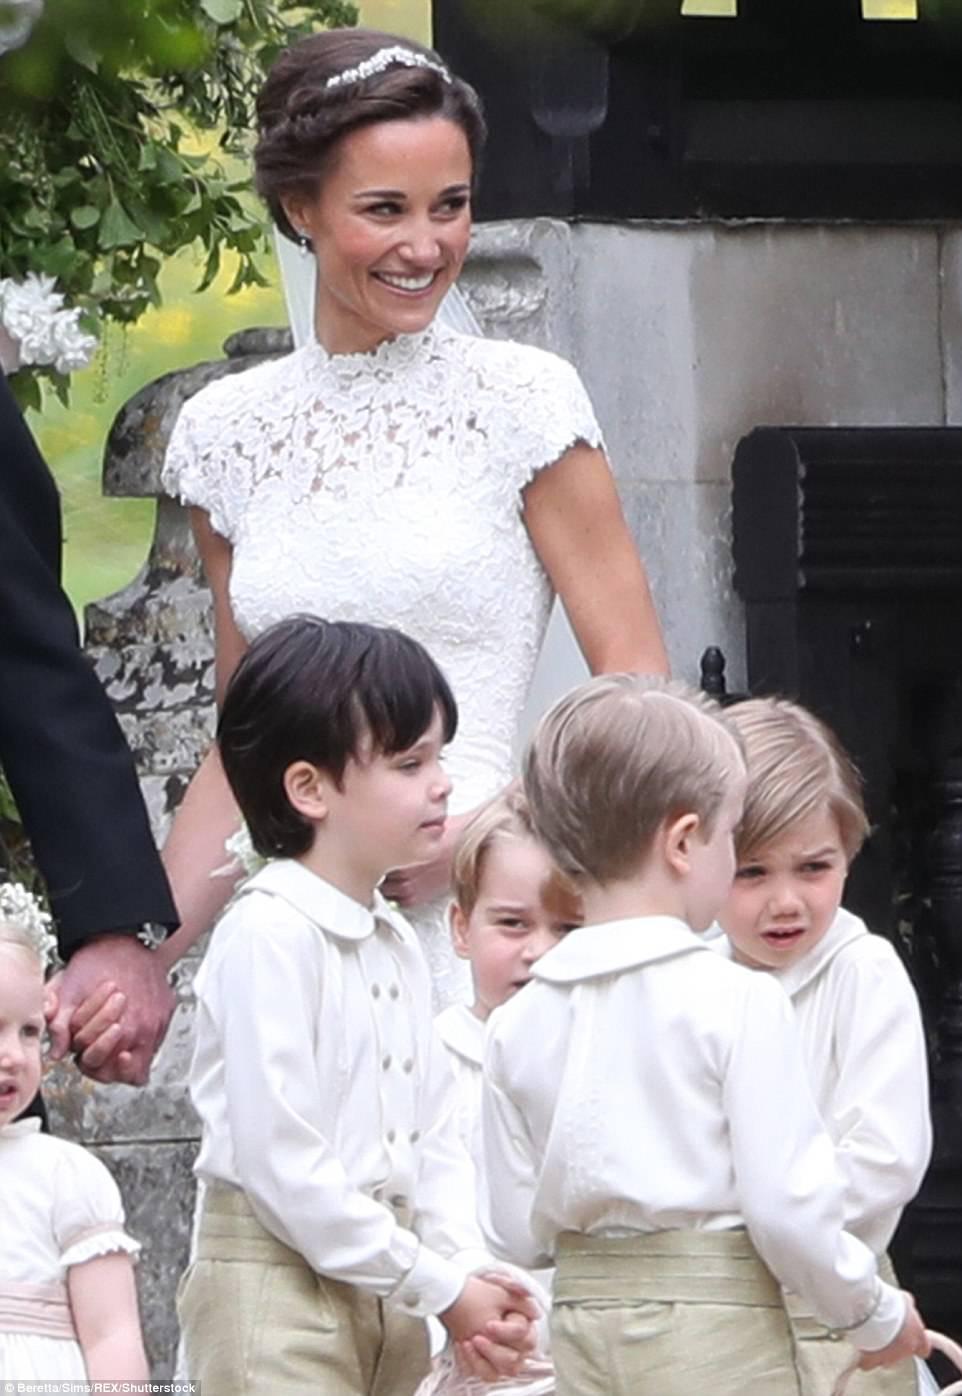 Hoàng tử nhí Anh Quốc bị mẹ mắng trong lễ cưới của dì ruột, vừa đi vừa khóc tu tu - Ảnh 10.